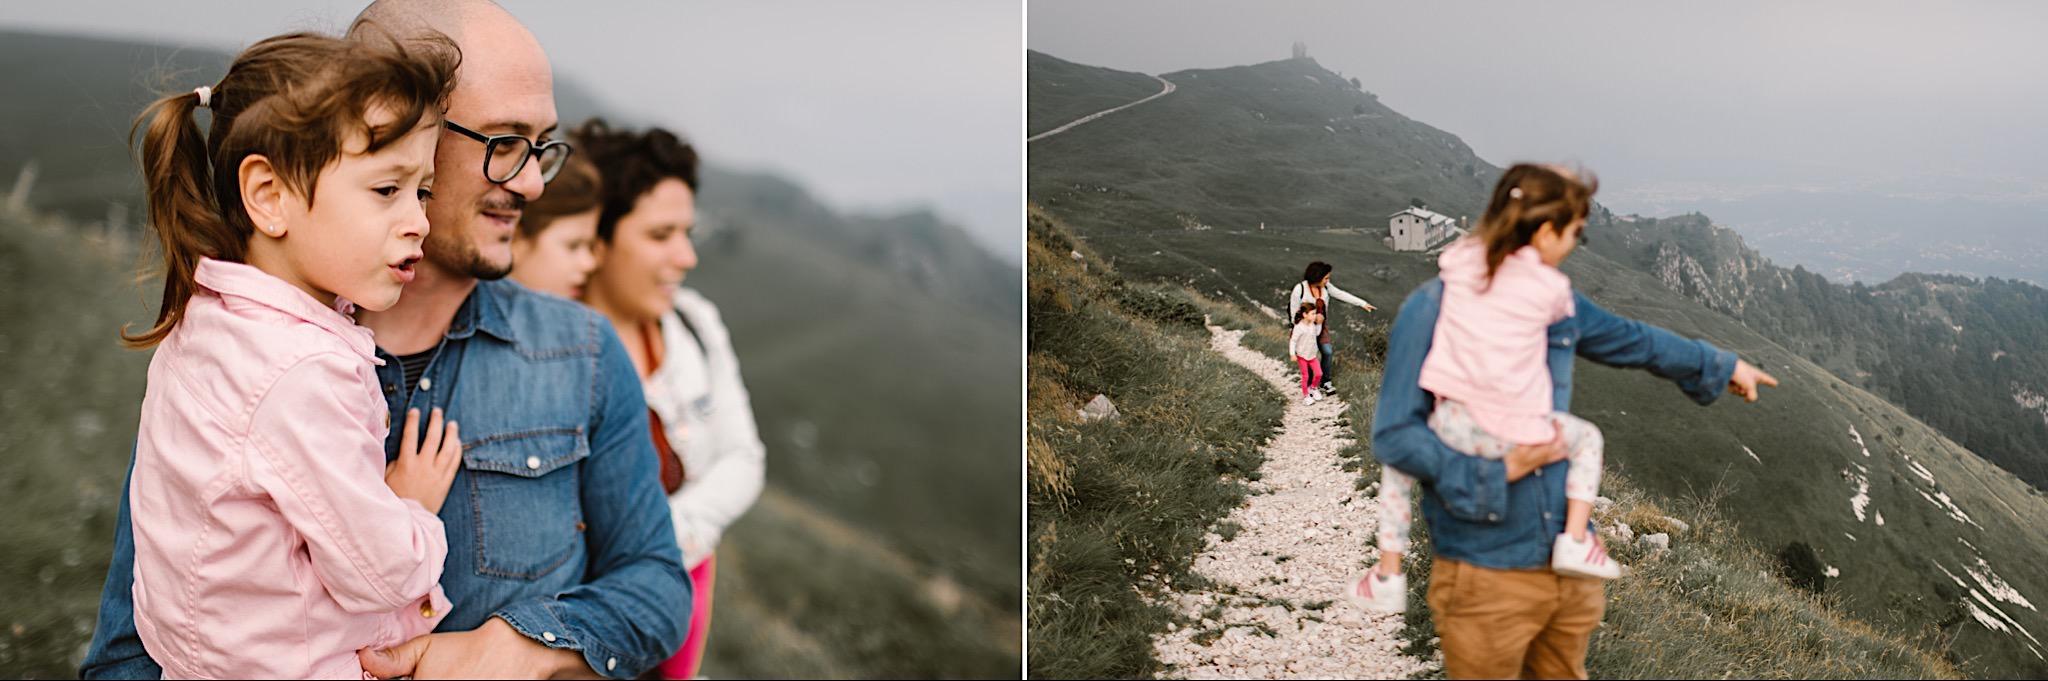 fotografo-matrimonio-originale-daniele-padovan-05